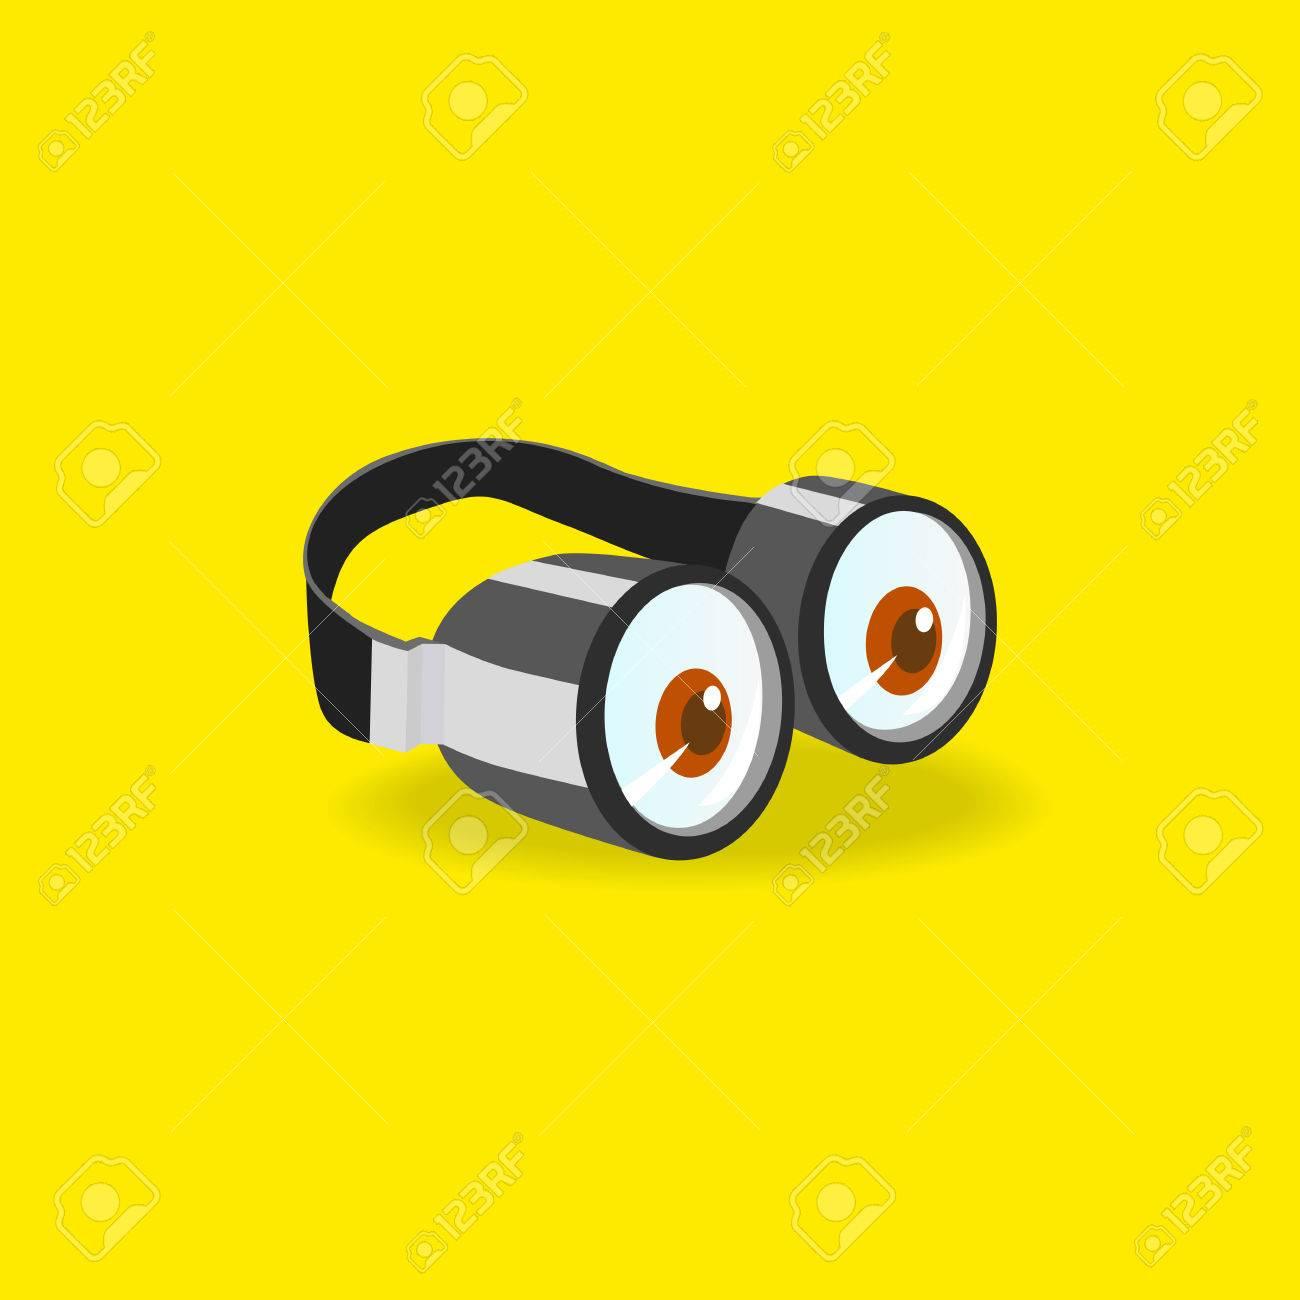 Minions Goggles Concept D Icone Deux Verres D Yeux Style De